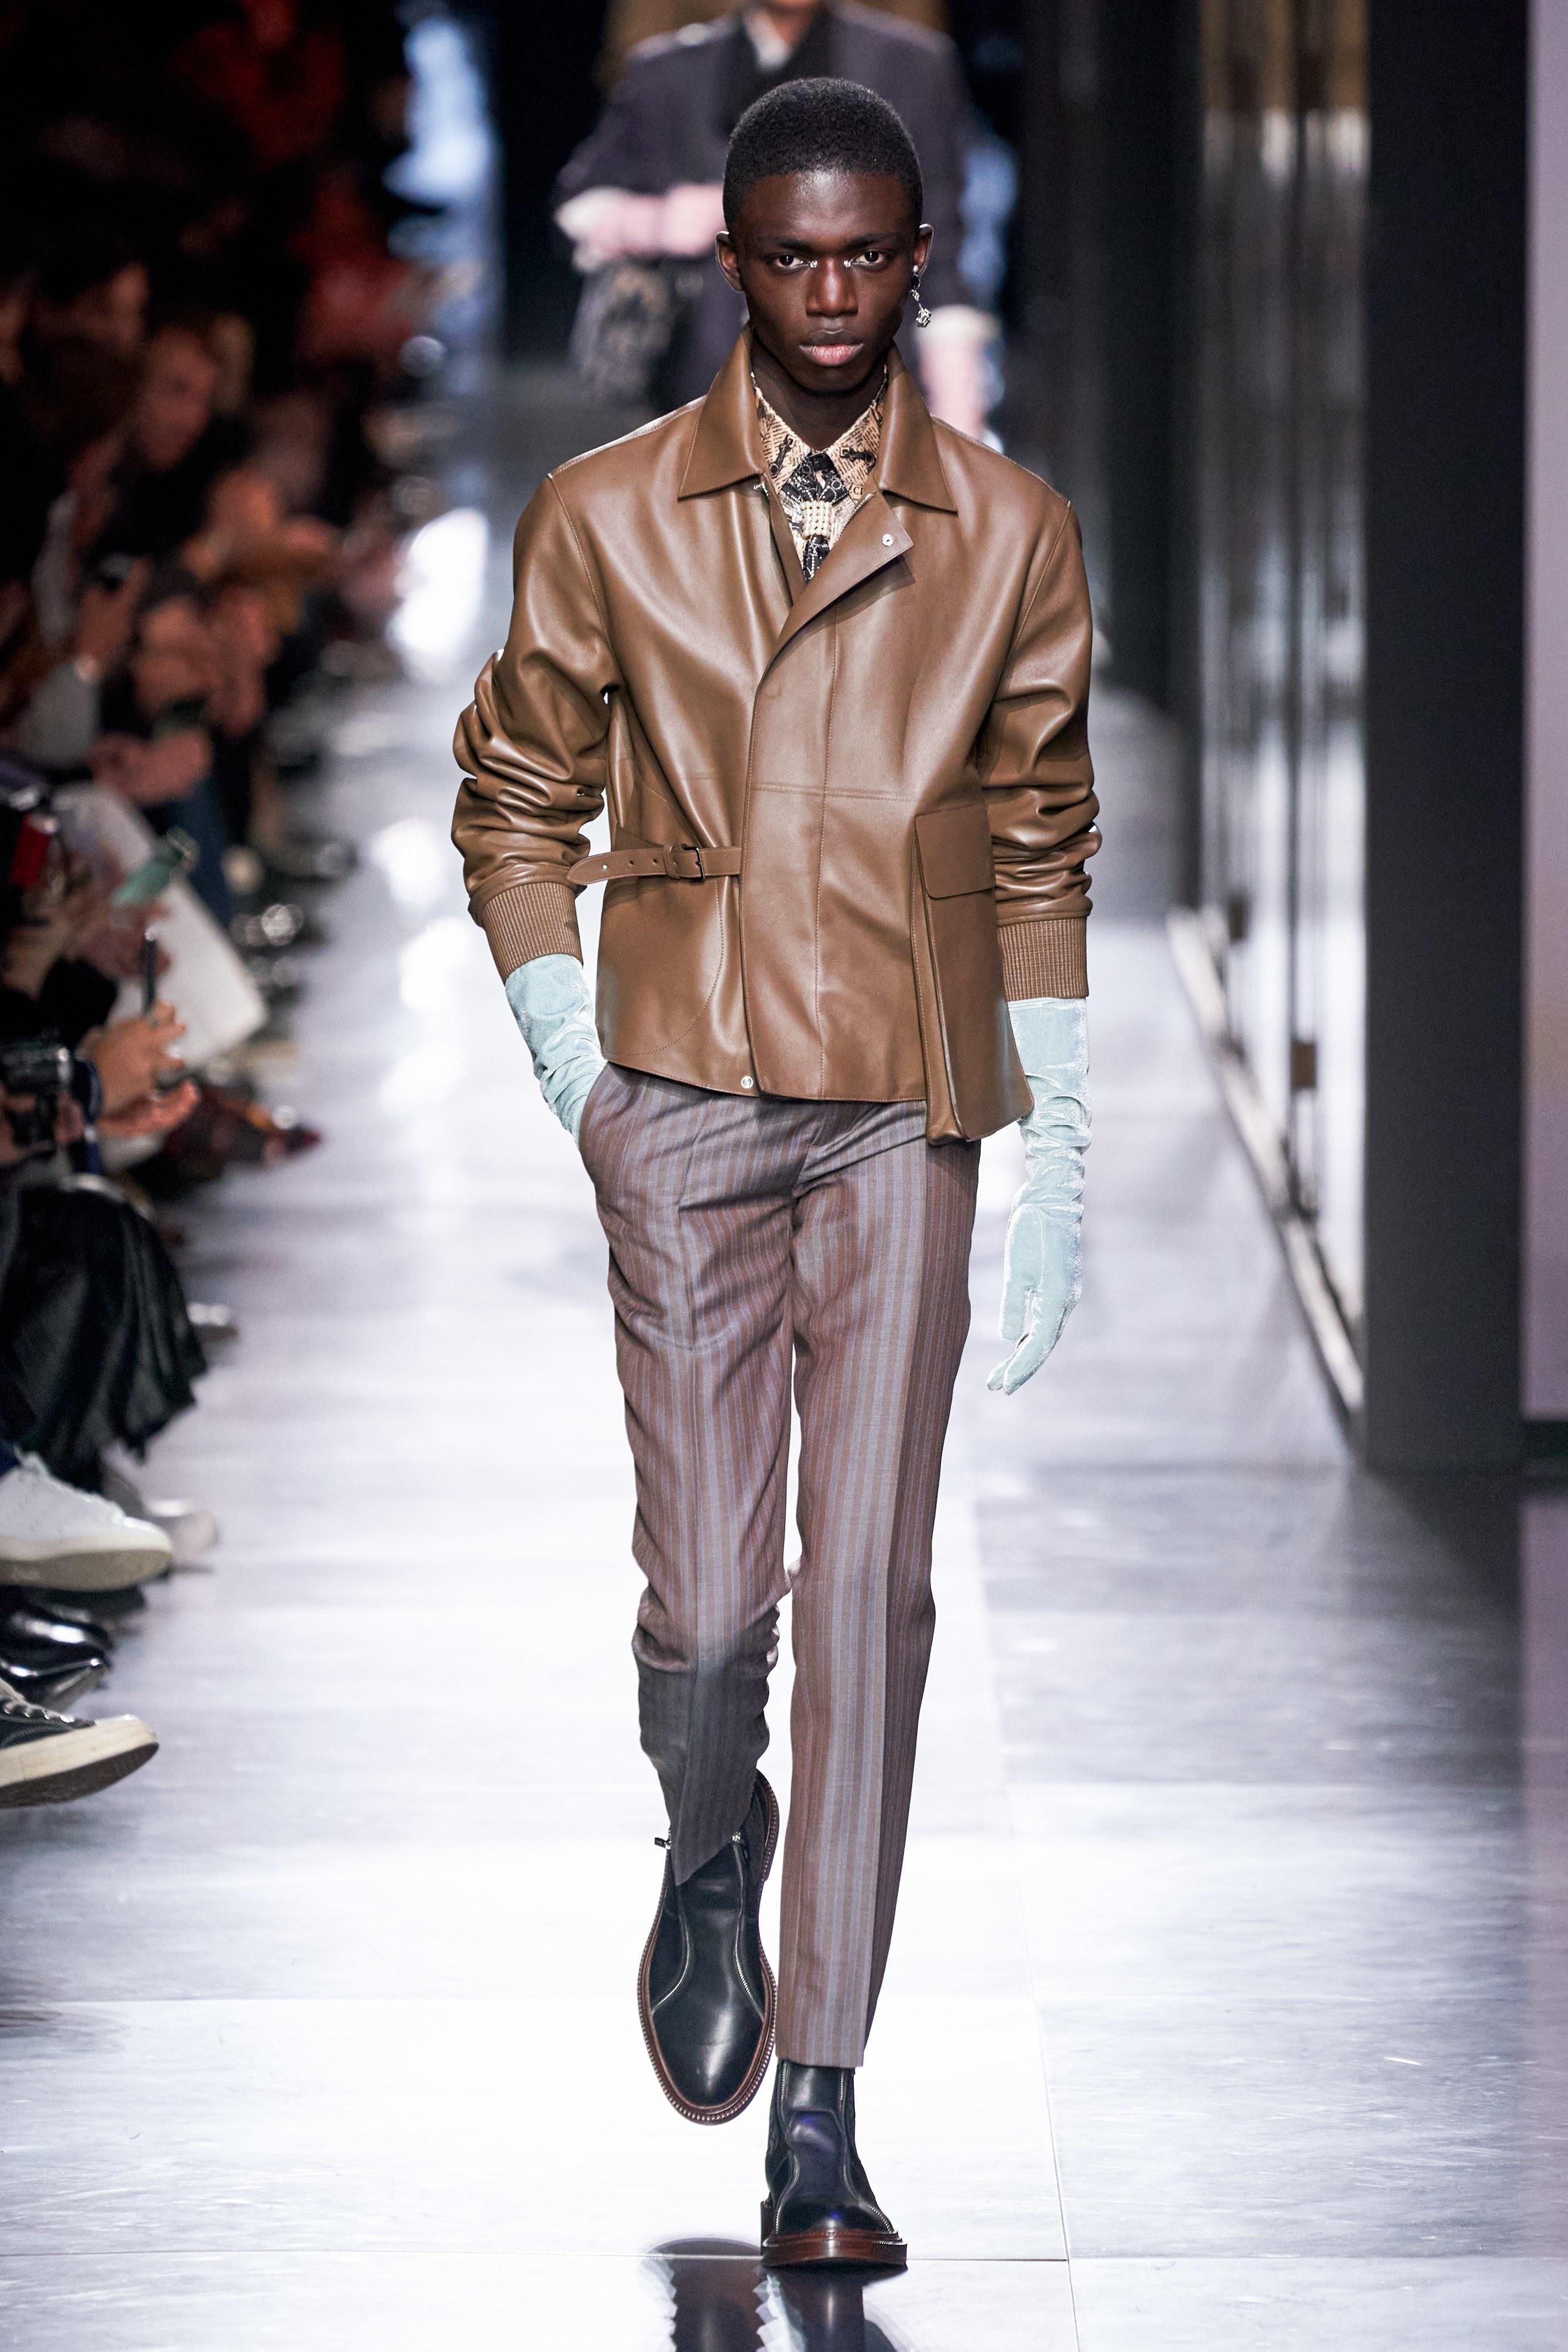 Áo khoác hoa, găng tay dài - Dior nâng thời trang nam lên tầm cao mới Ảnh 22